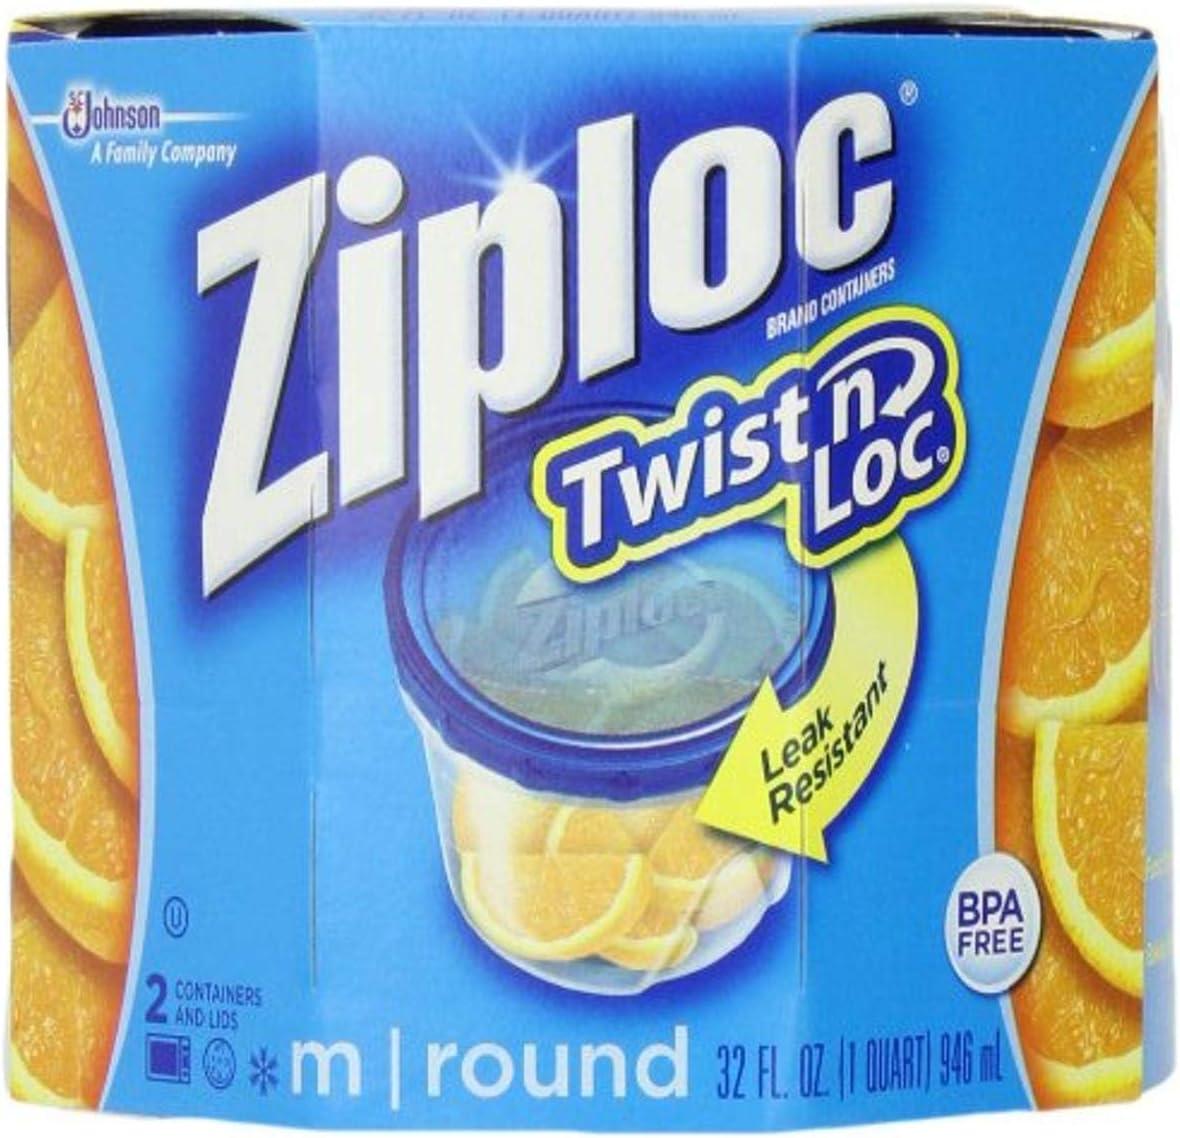 Ziploc Twist 'N Loc , Medium Round, Containers & Lids, 2-Count (Pack of 2)